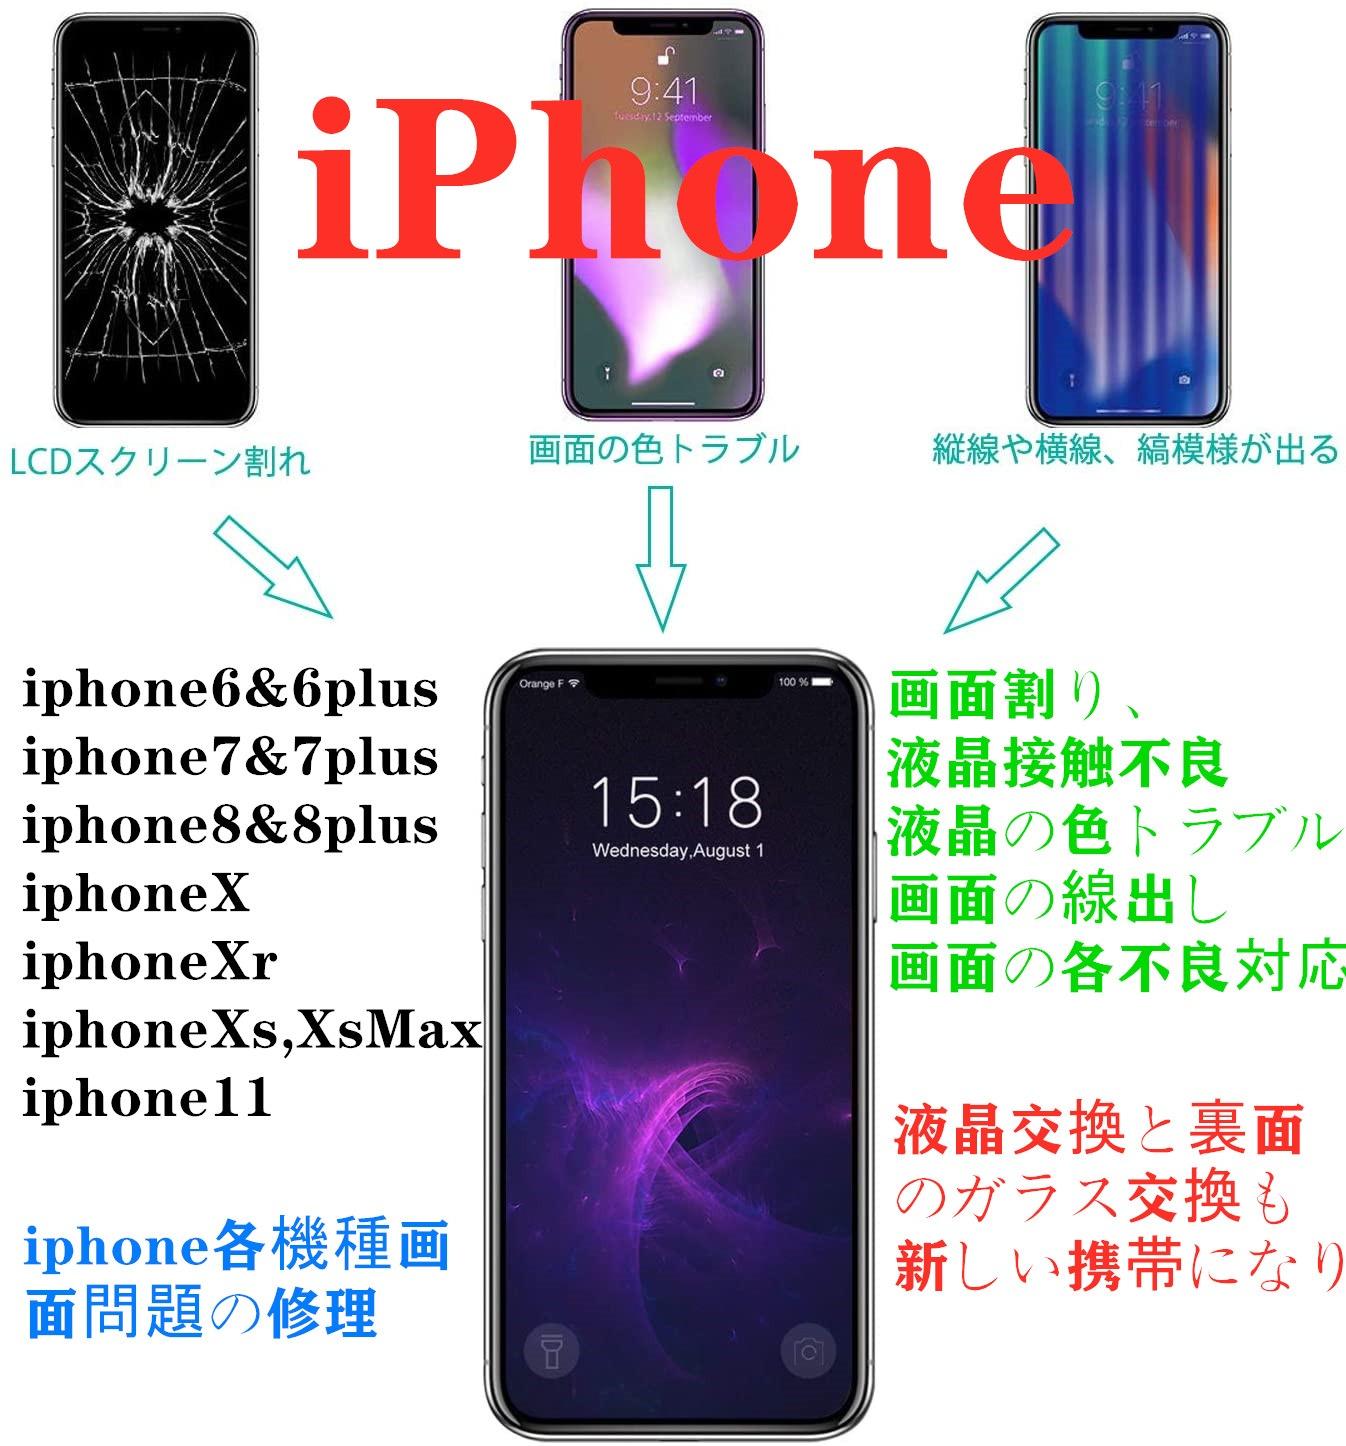 Iphone6 iphone7iphone8 iphoneX iphoneXS iphone11pro 液晶パレス 画面修理 原アップル会社専門修理員から修理してもらう 安心の3か月保証